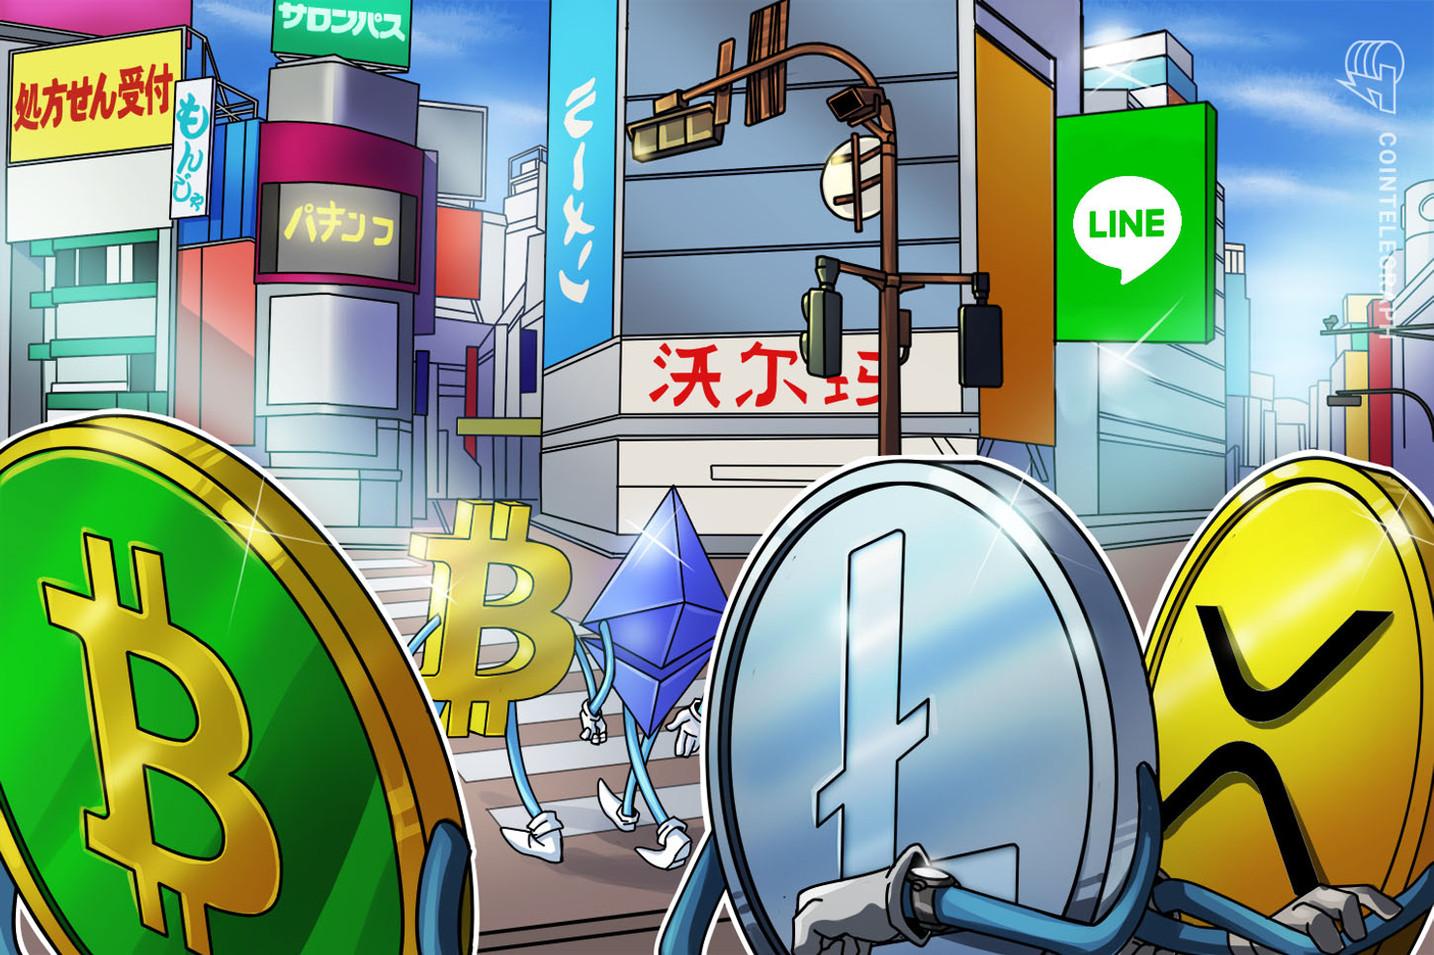 【速報】LINEの仮想通貨取引サービス、iOSに対応 LINEアプリから取引可能